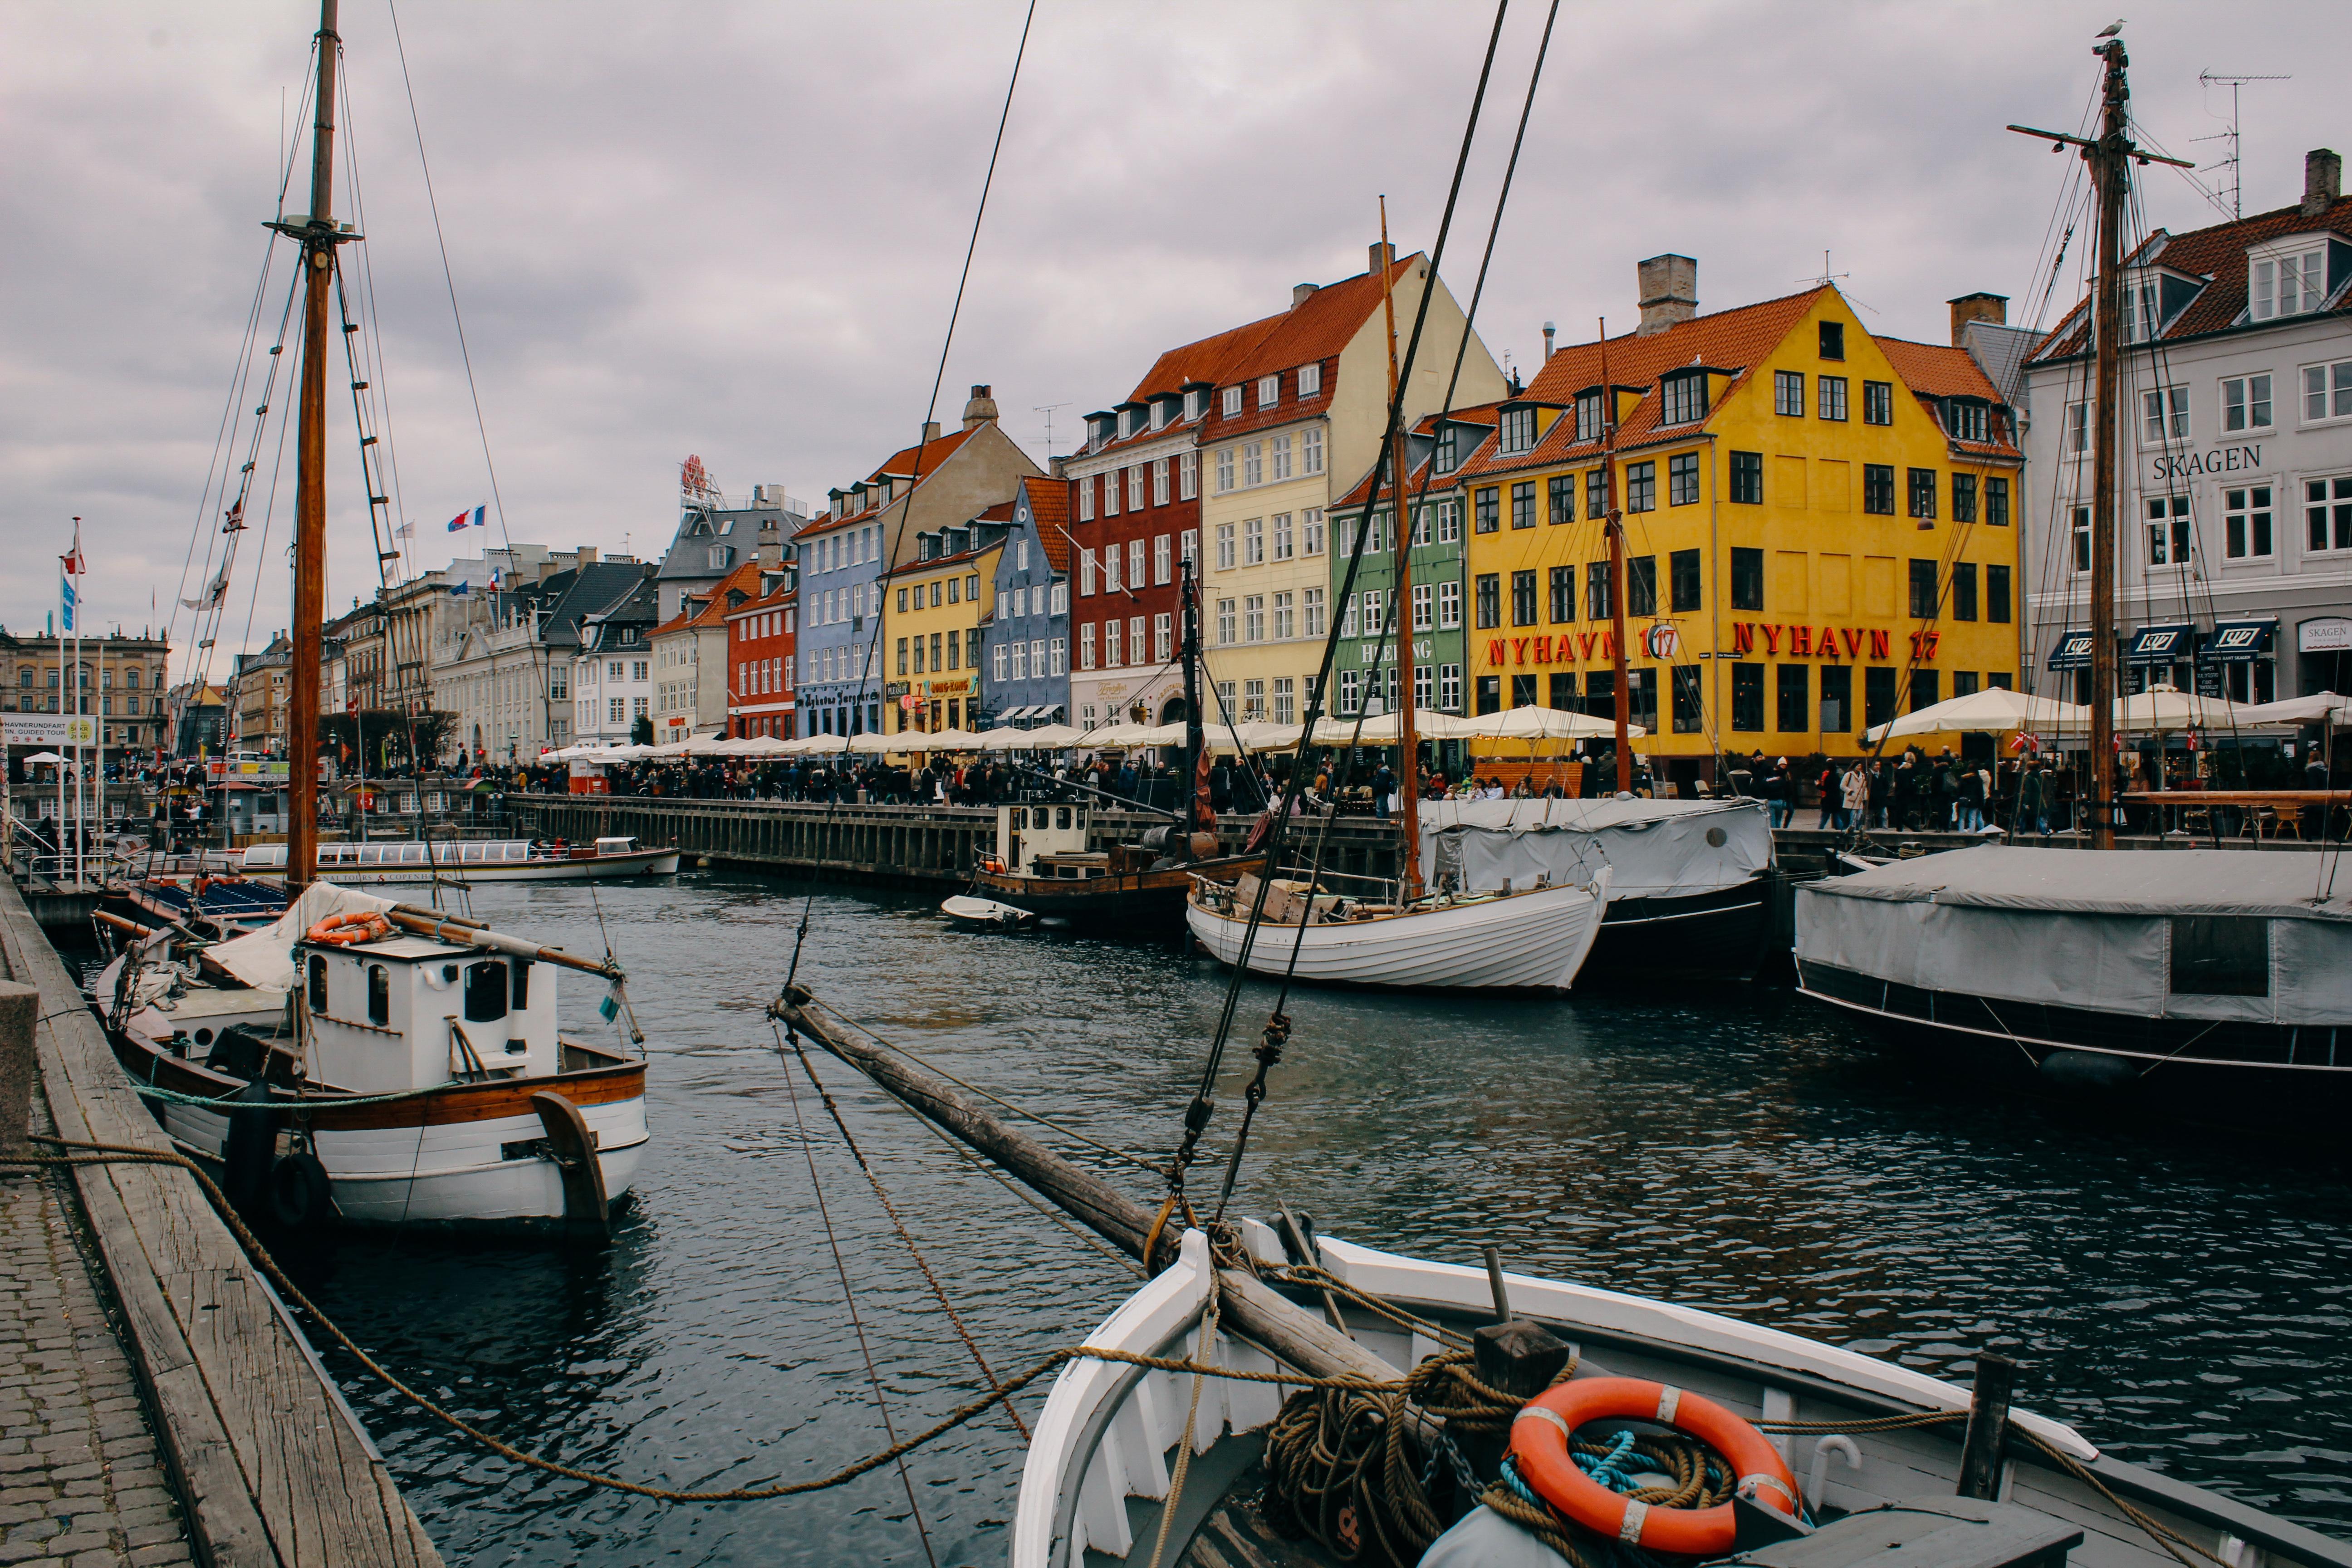 A cloudy day in Nyhavn, Copenhagen